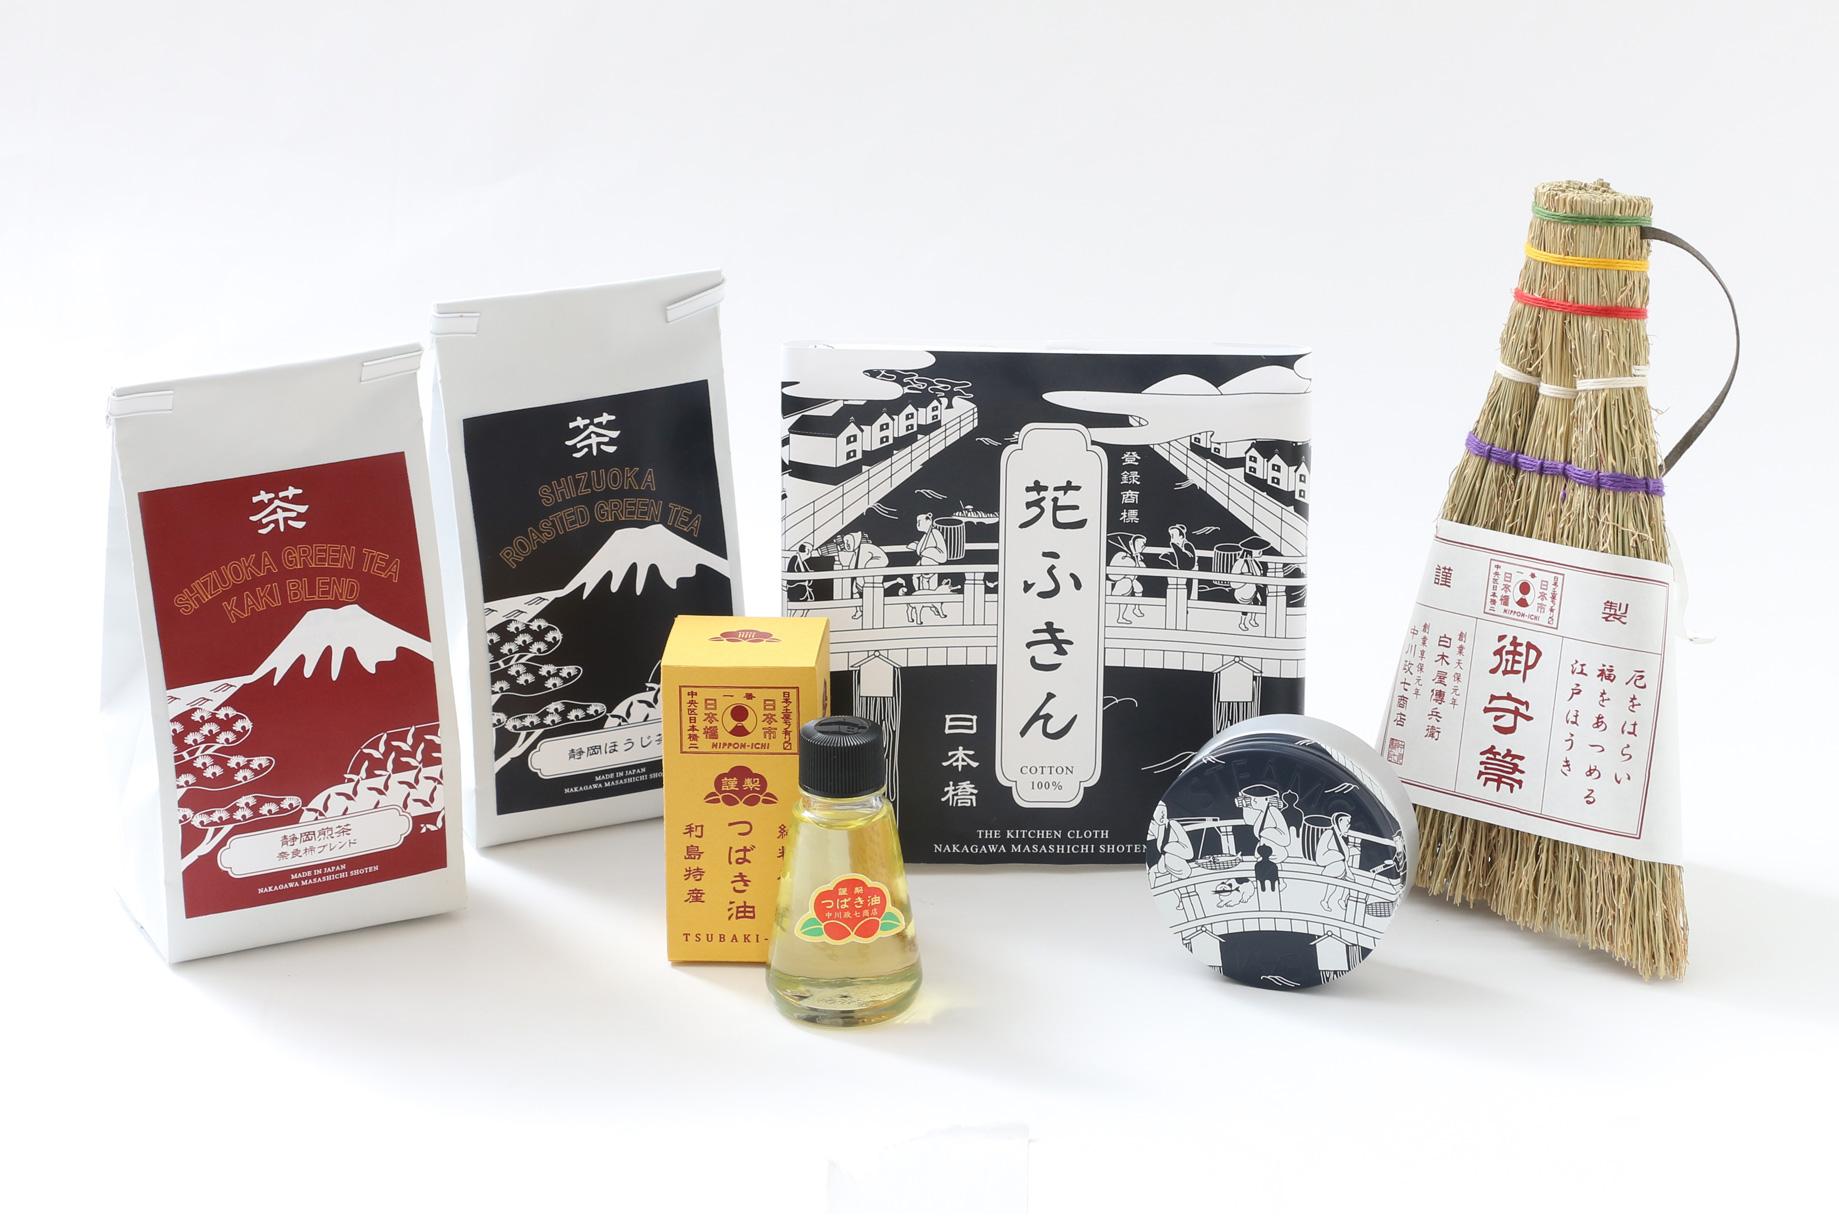 日本橋オリジナル商品のイメージ